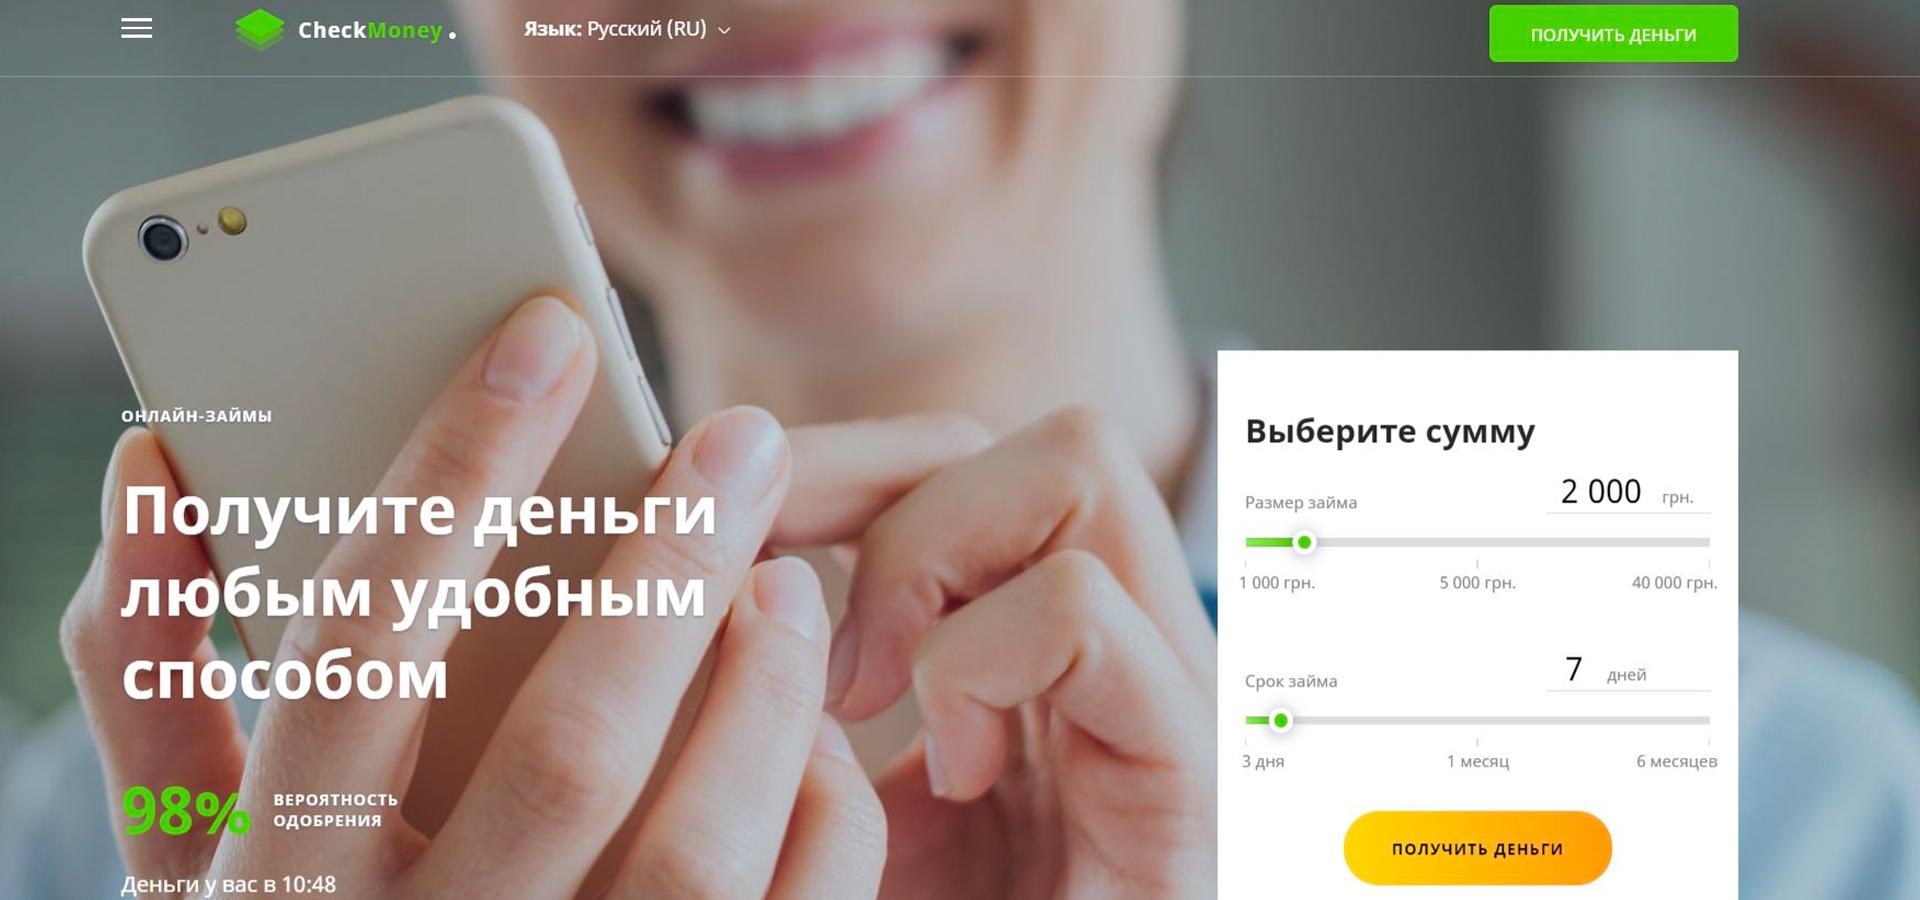 Шахрайський сайт онлайн-кредитування